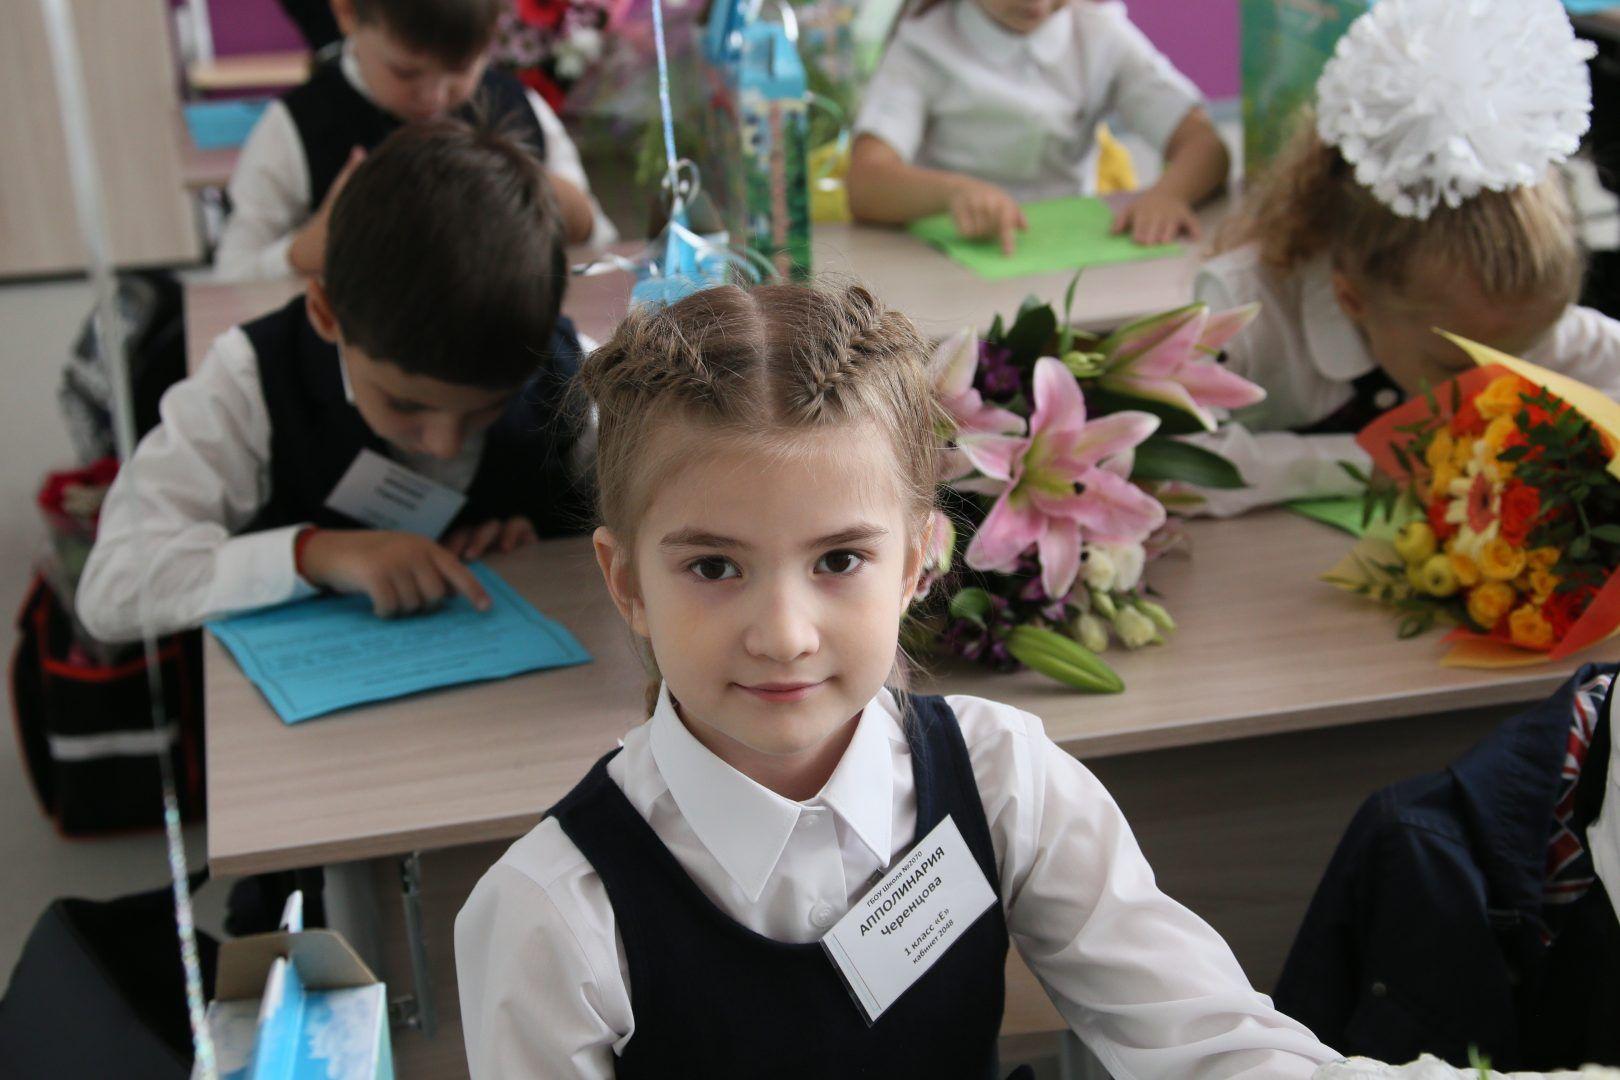 1 сентября 2017 года. Сосенское. Аполлинария Черенцова пошла в первый класс. Фото: архив